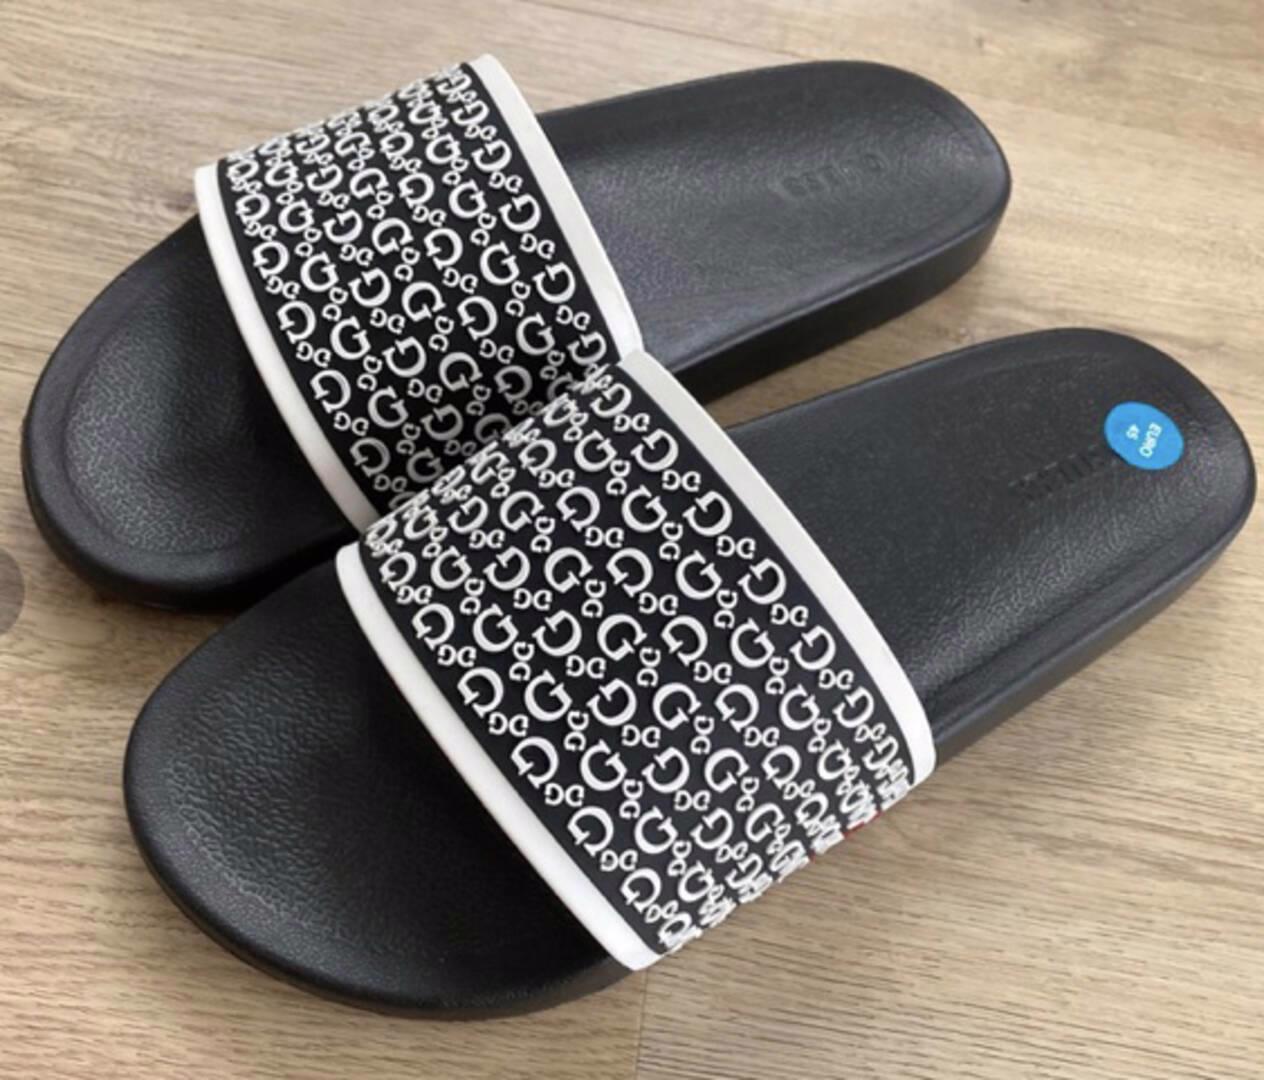 Panské pantofle Guess vel.-45 - foto 1